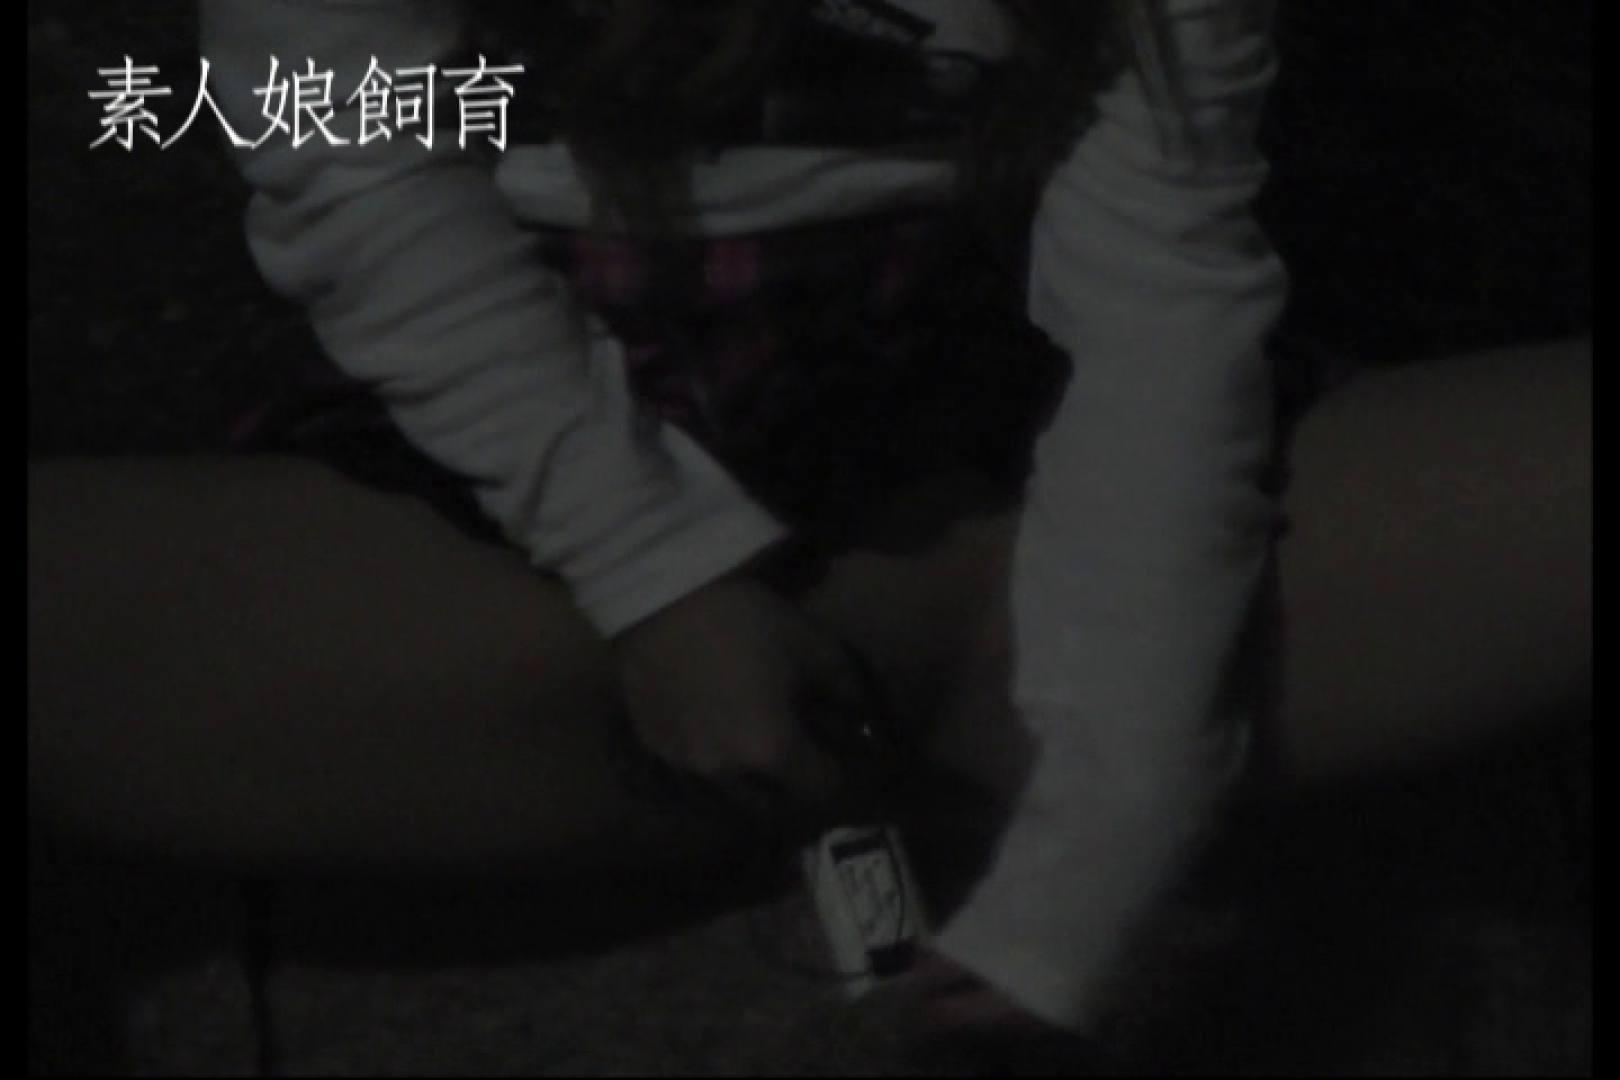 素人娘飼育~お前の餌は他人棒~公園でバイブとお漏らし バイブプレイ 盗み撮り動画 71pic 2